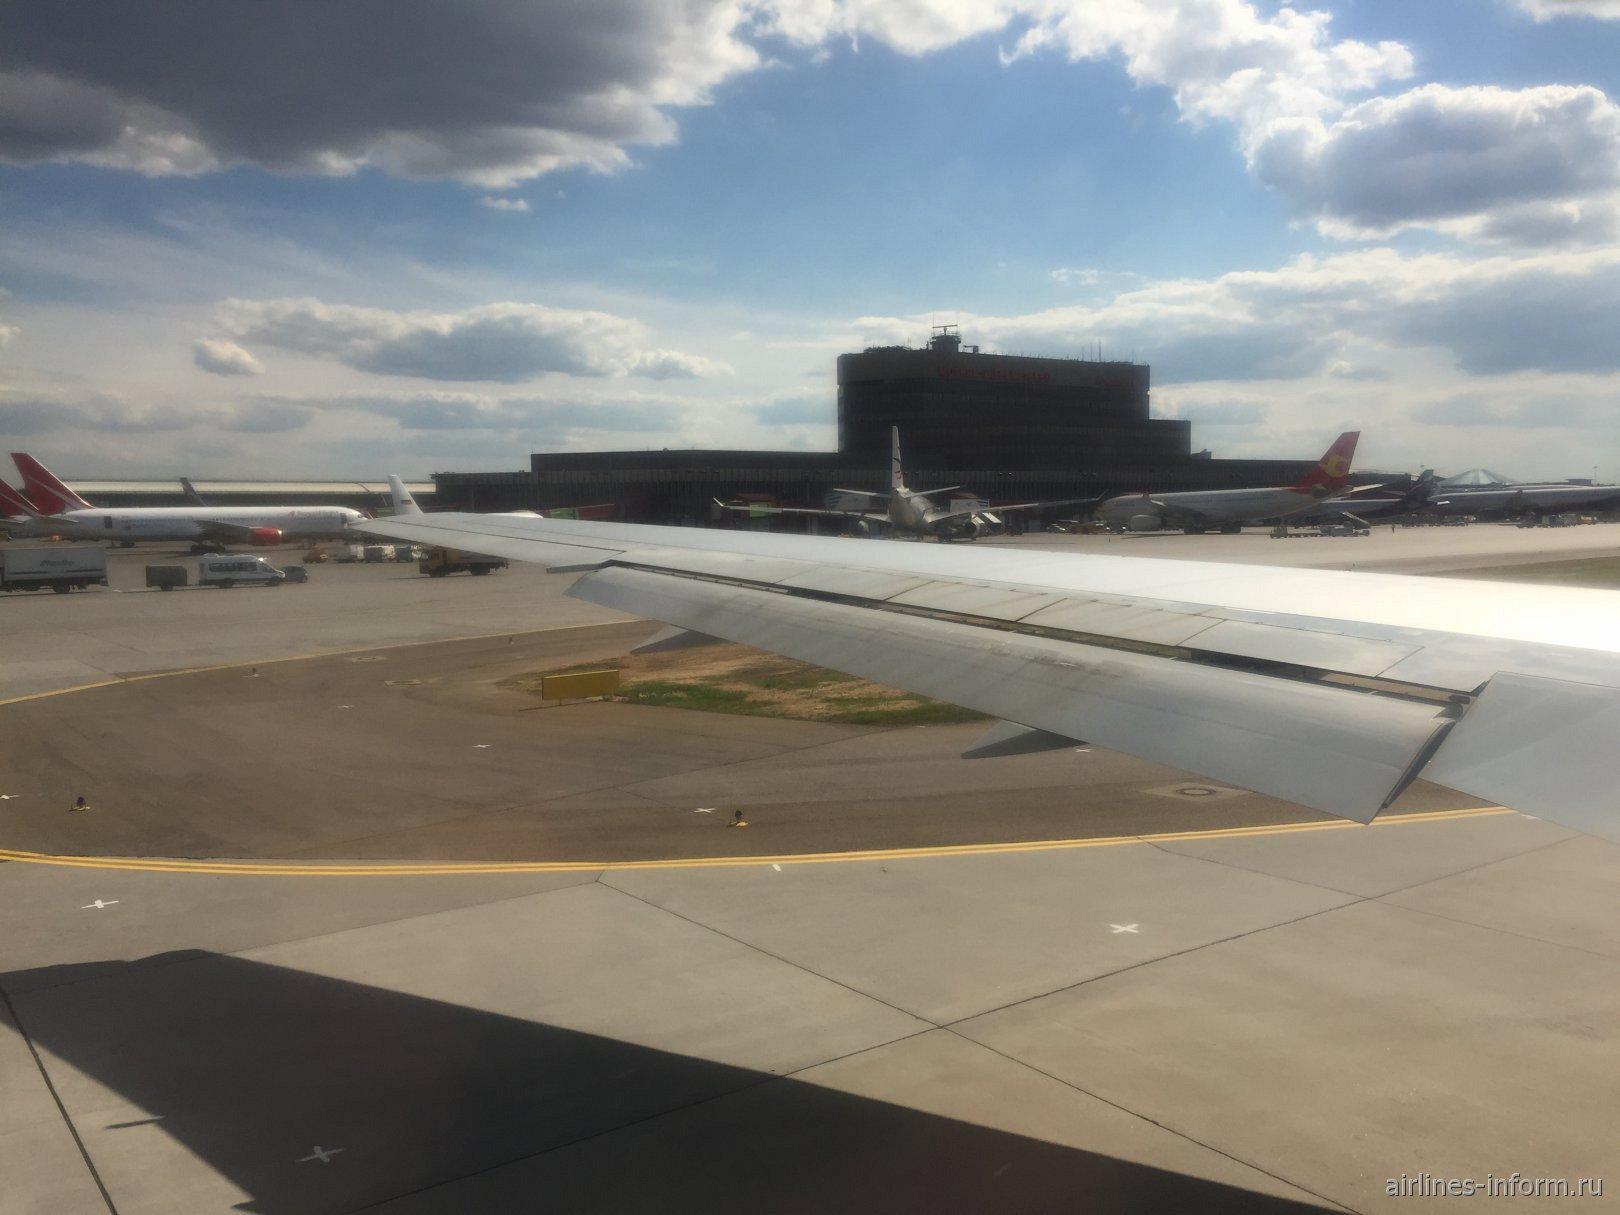 Через 40 минут нас отбуксировали от терминала и мы покатили на взлёт